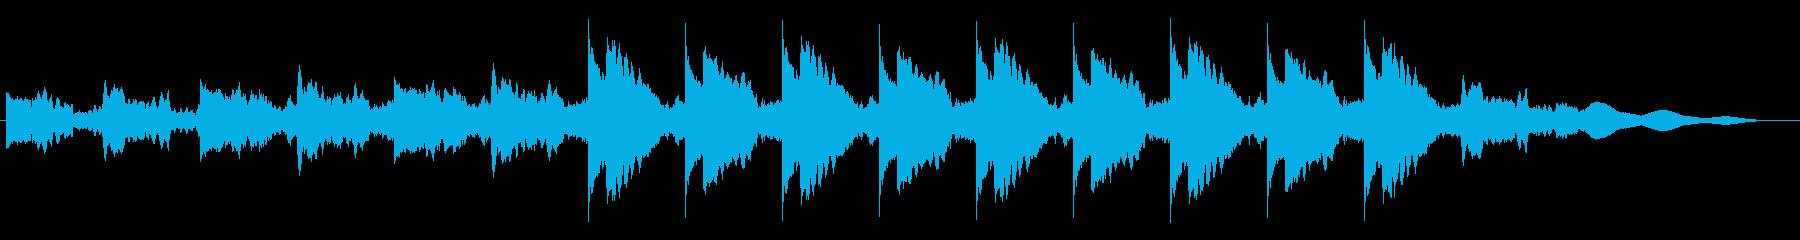 劇伴サスペンスフルなミニマルアンビエントの再生済みの波形